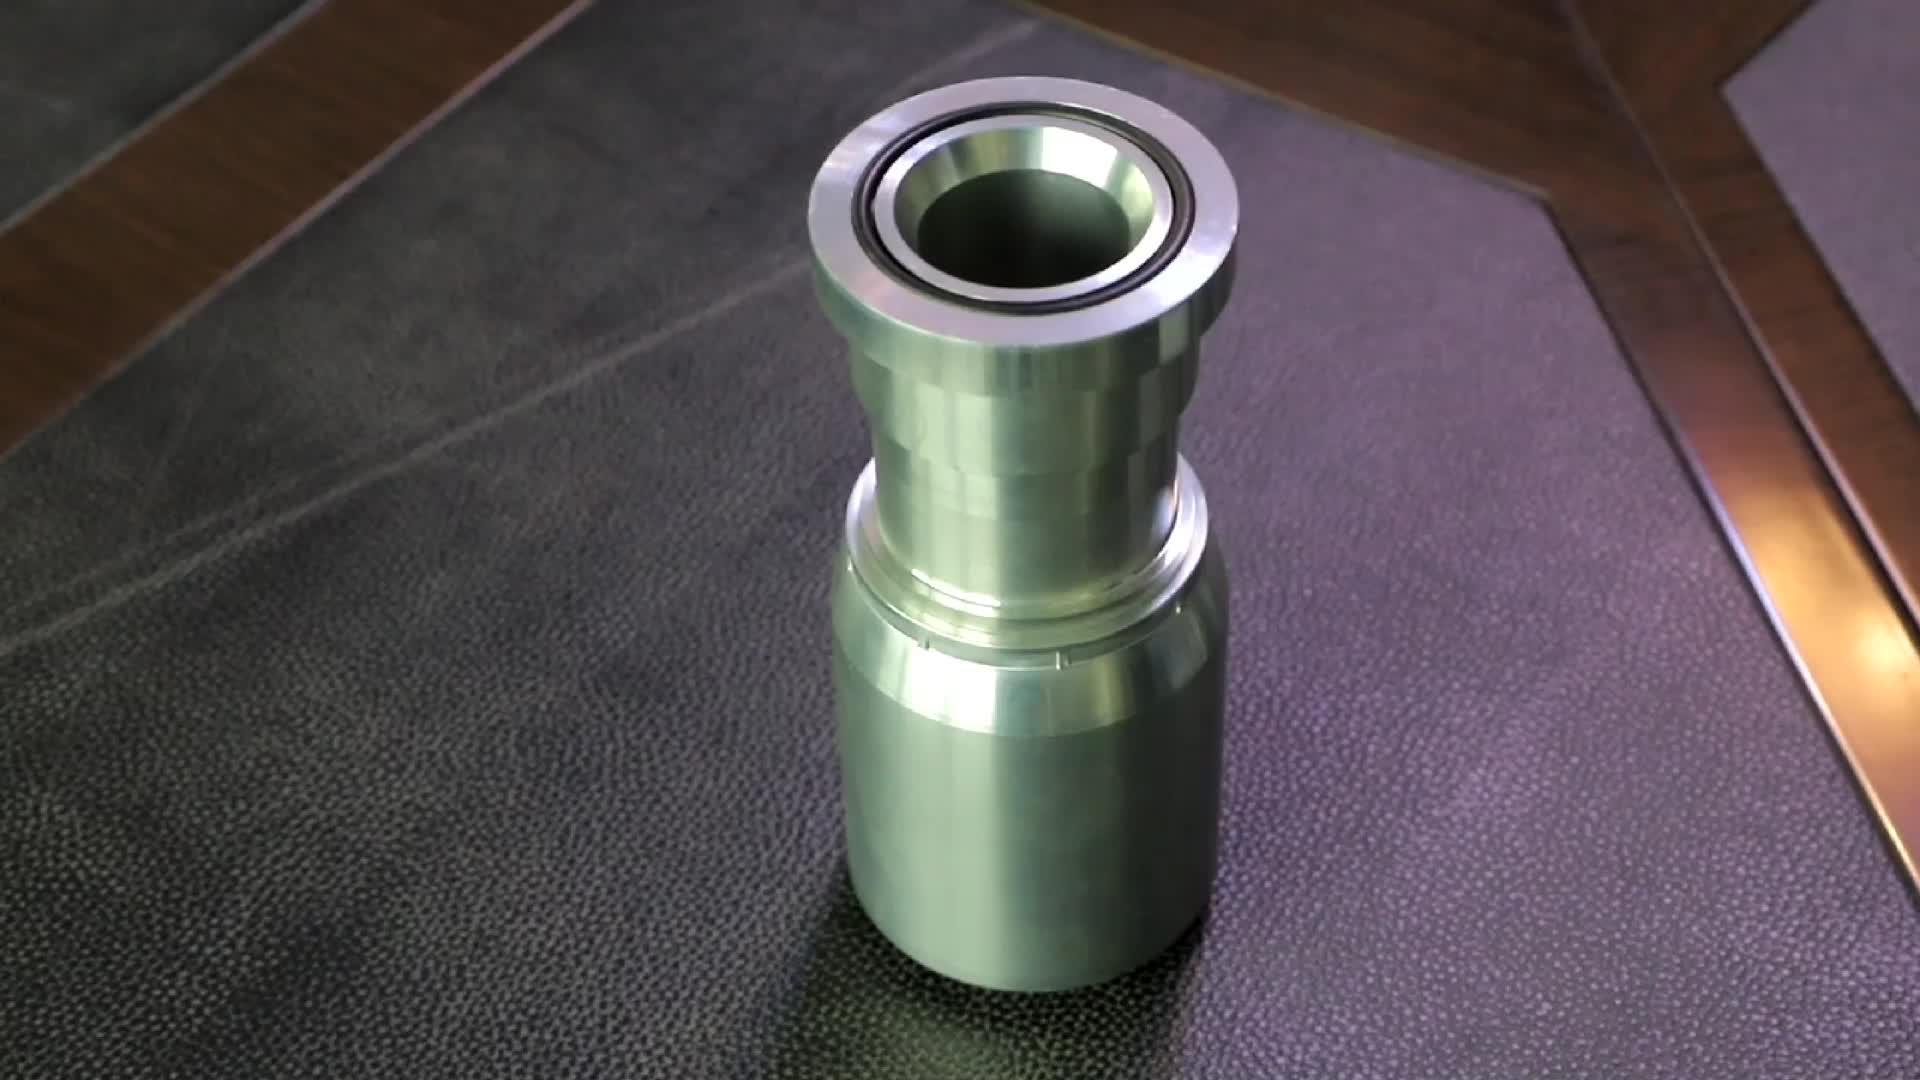 طرف حديدي لخرطوم الضغط العالي GB 3863 2 نوع/DIN20022 2SN/SEA 100R2AT خرطوم الطويق 00210